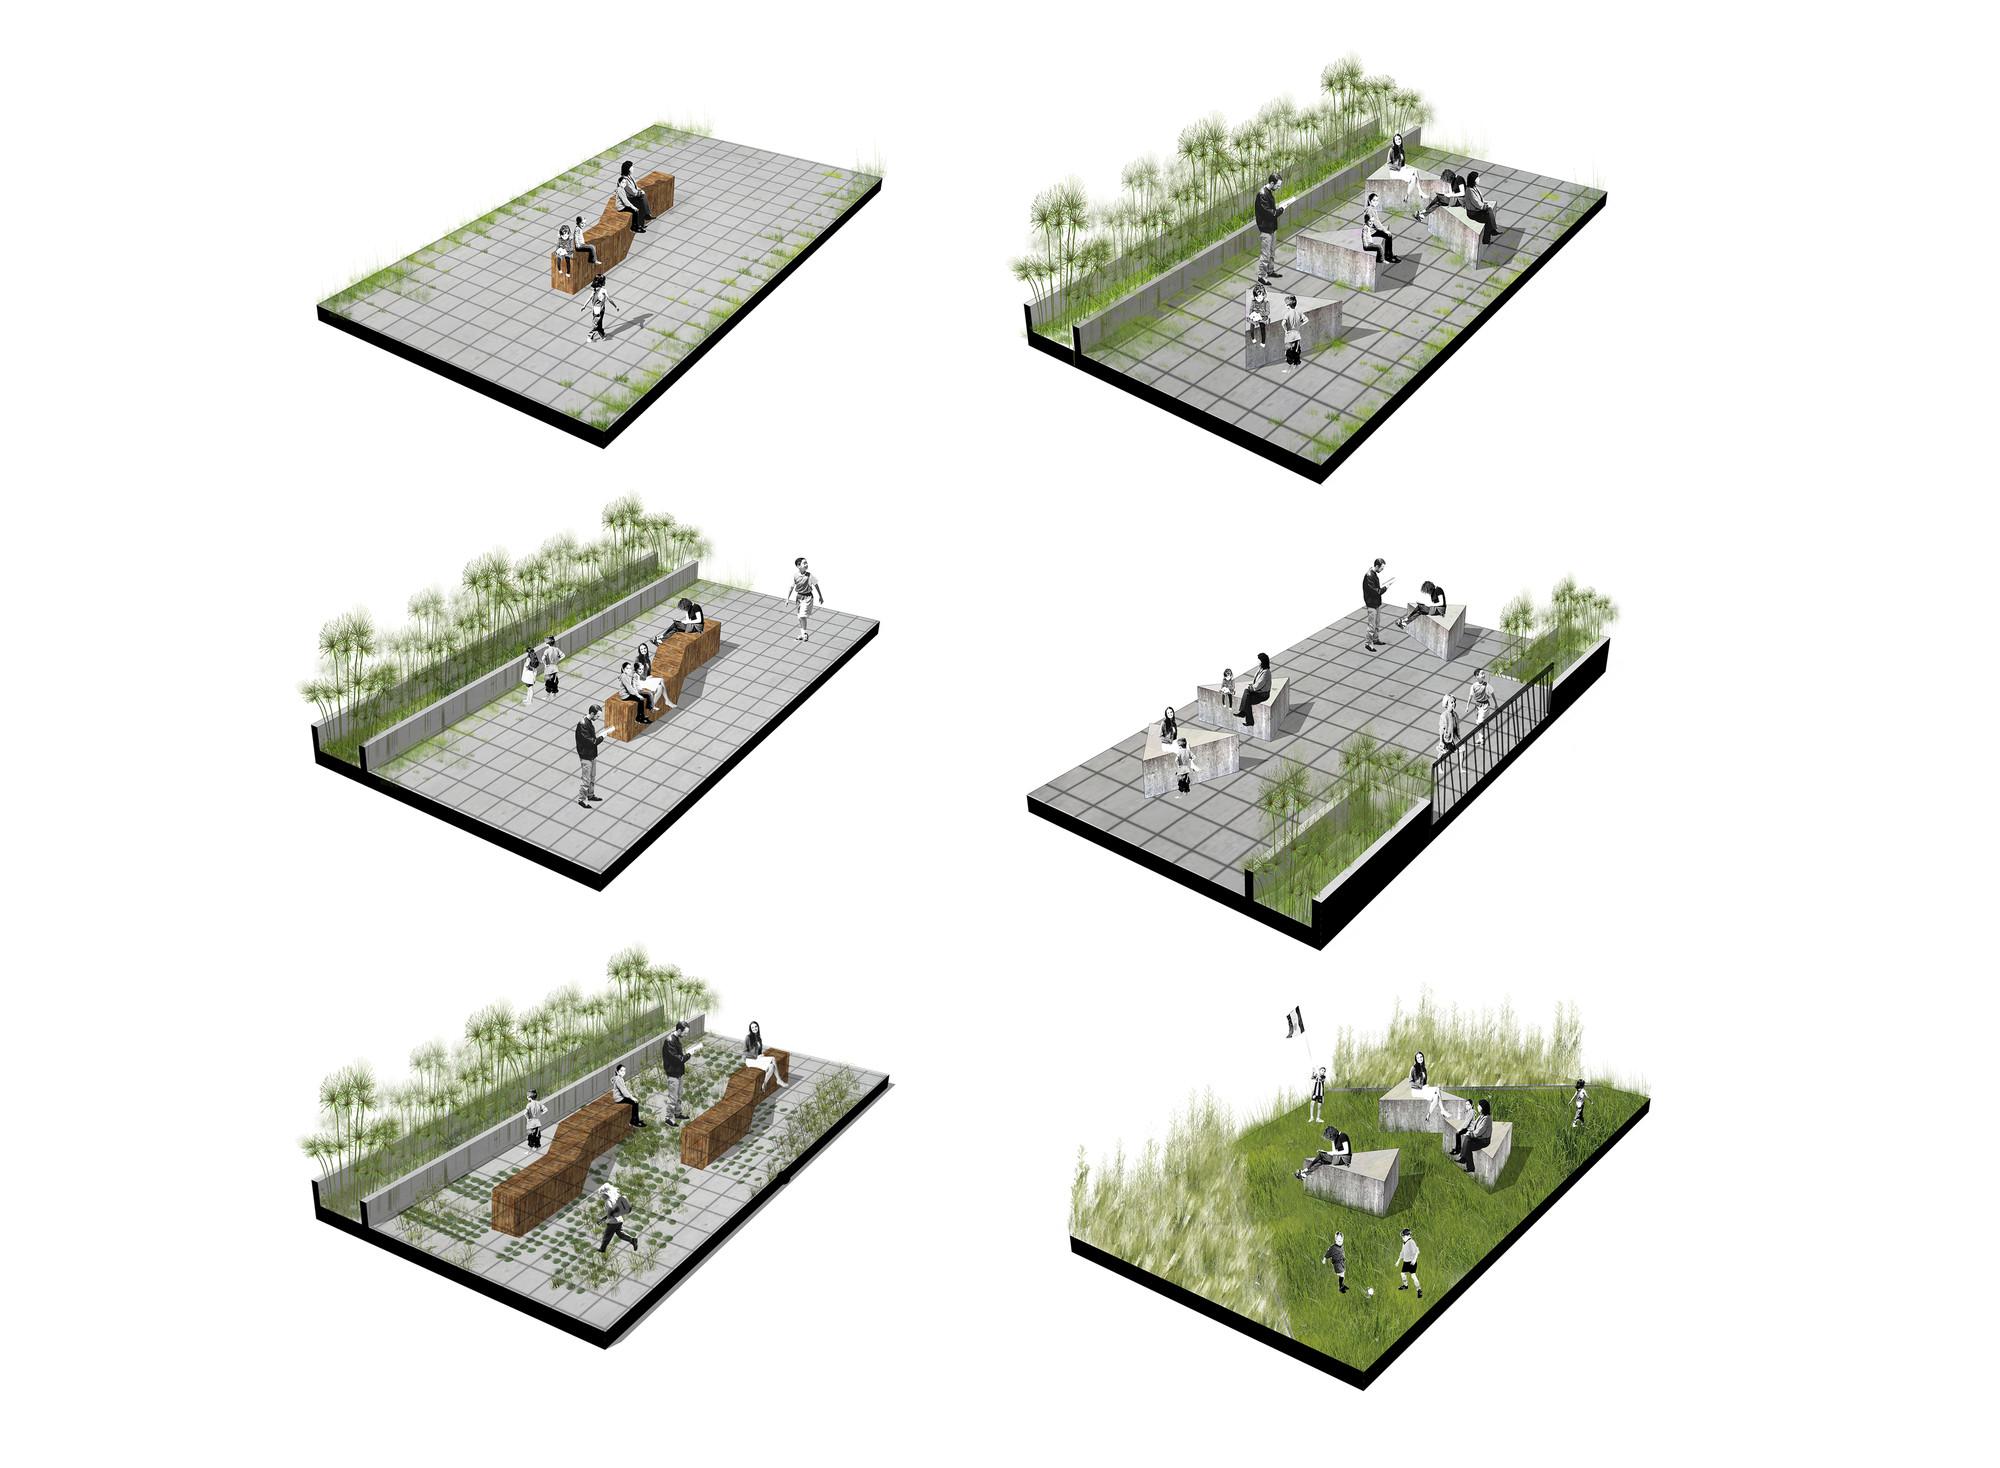 Galer a de megacolegio jard n educativo ana d az for Tipos de mobiliario urbano pdf